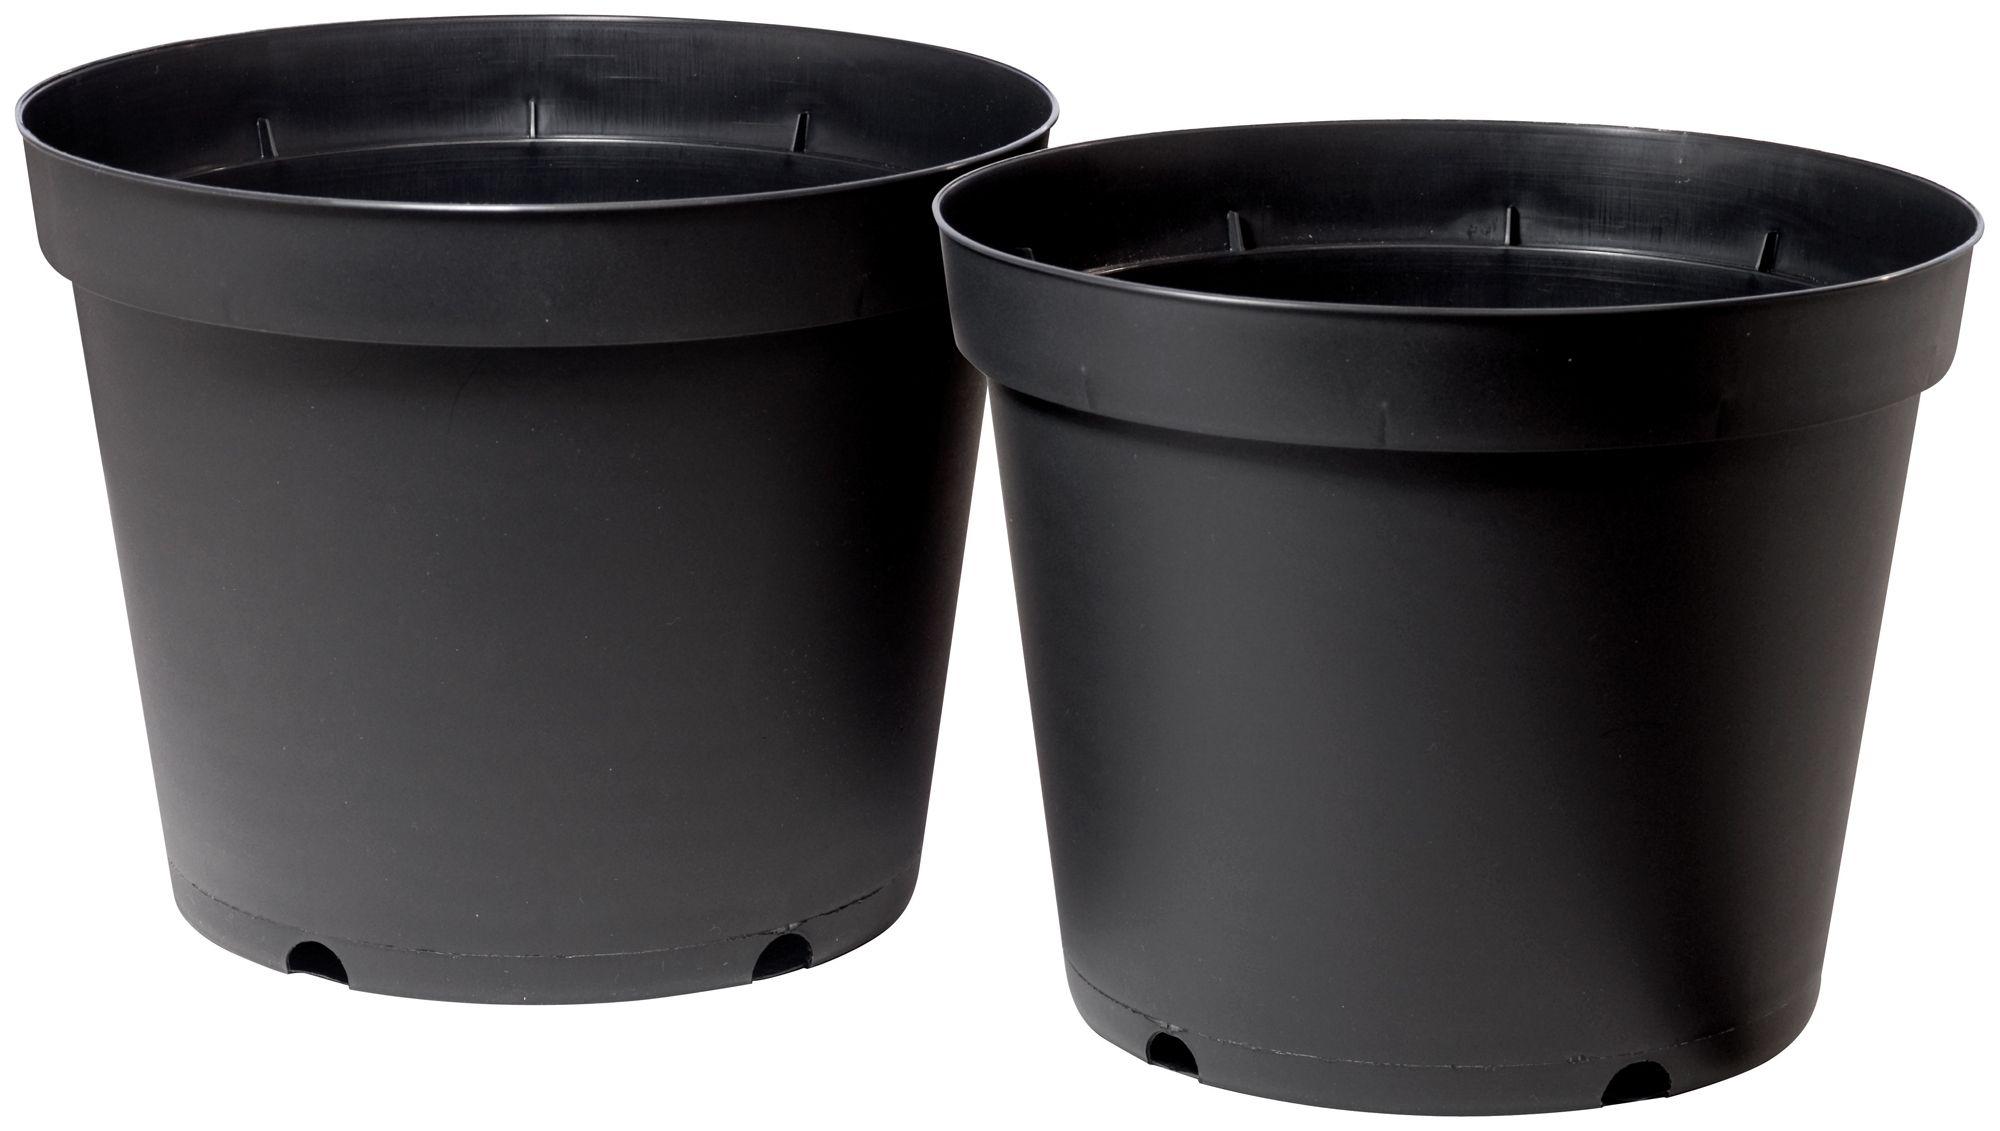 Doniczka Ogrodowa Plastikowa Verve 283cm 10l 2szt